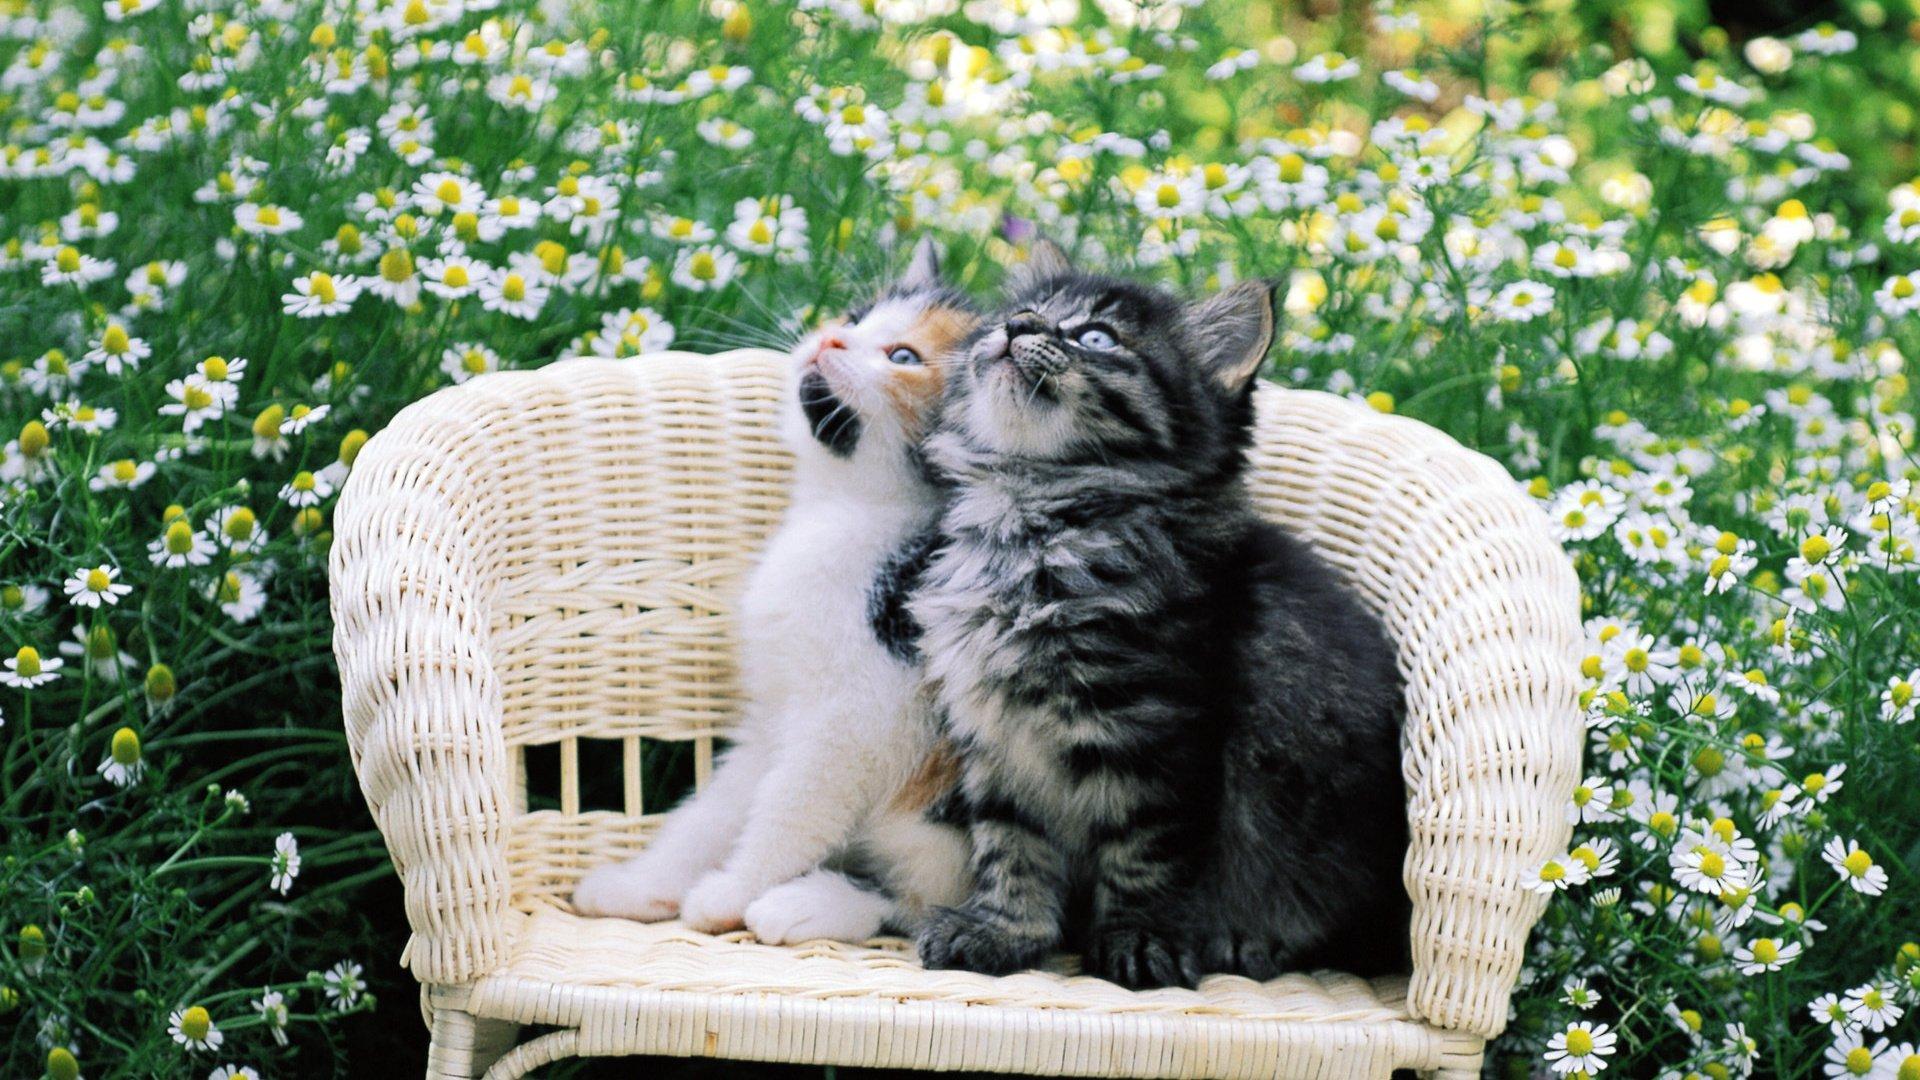 профессиональный красивые фото котят с ромашками компании относится